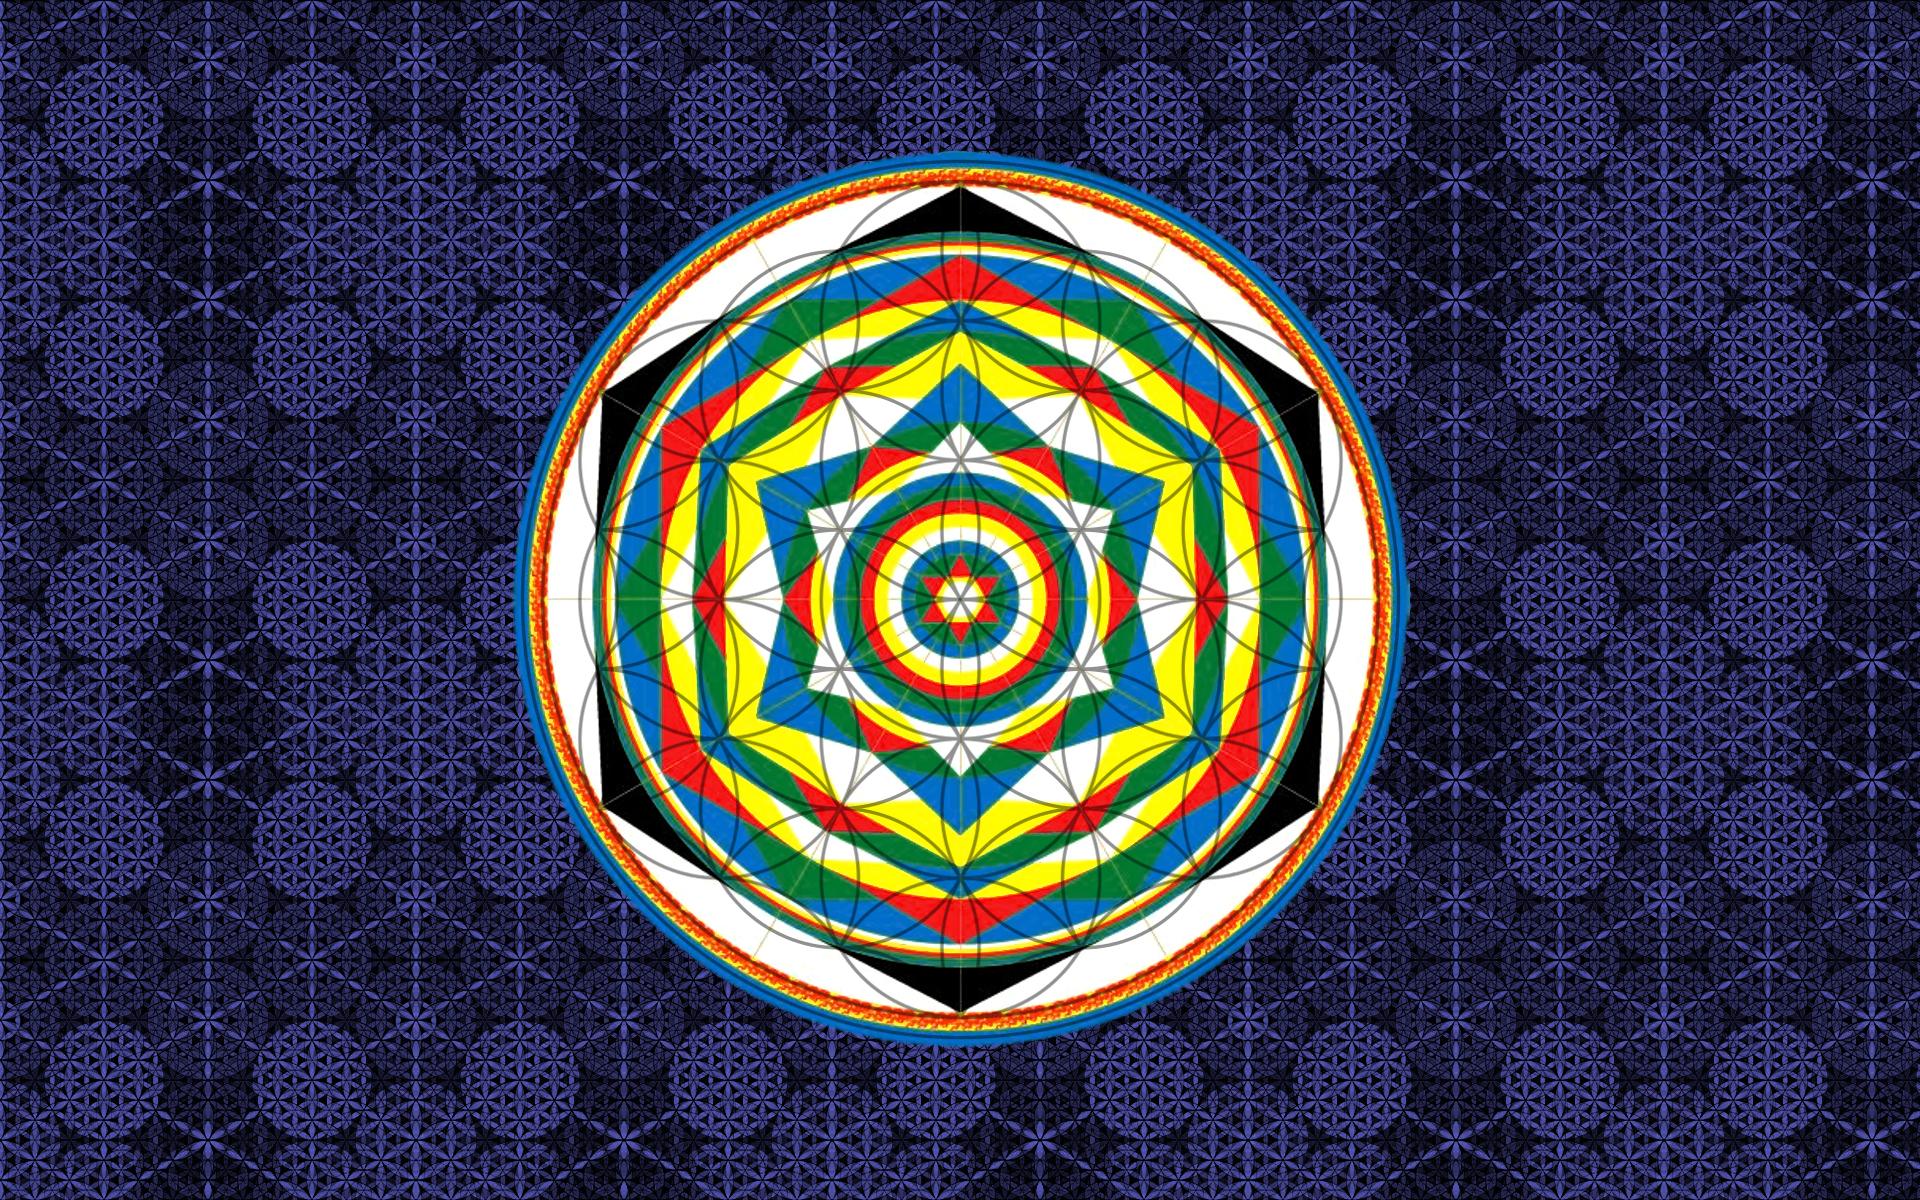 Hd Broly Wallpaper Fondos De Pantalla De Mandalas Wallpapers